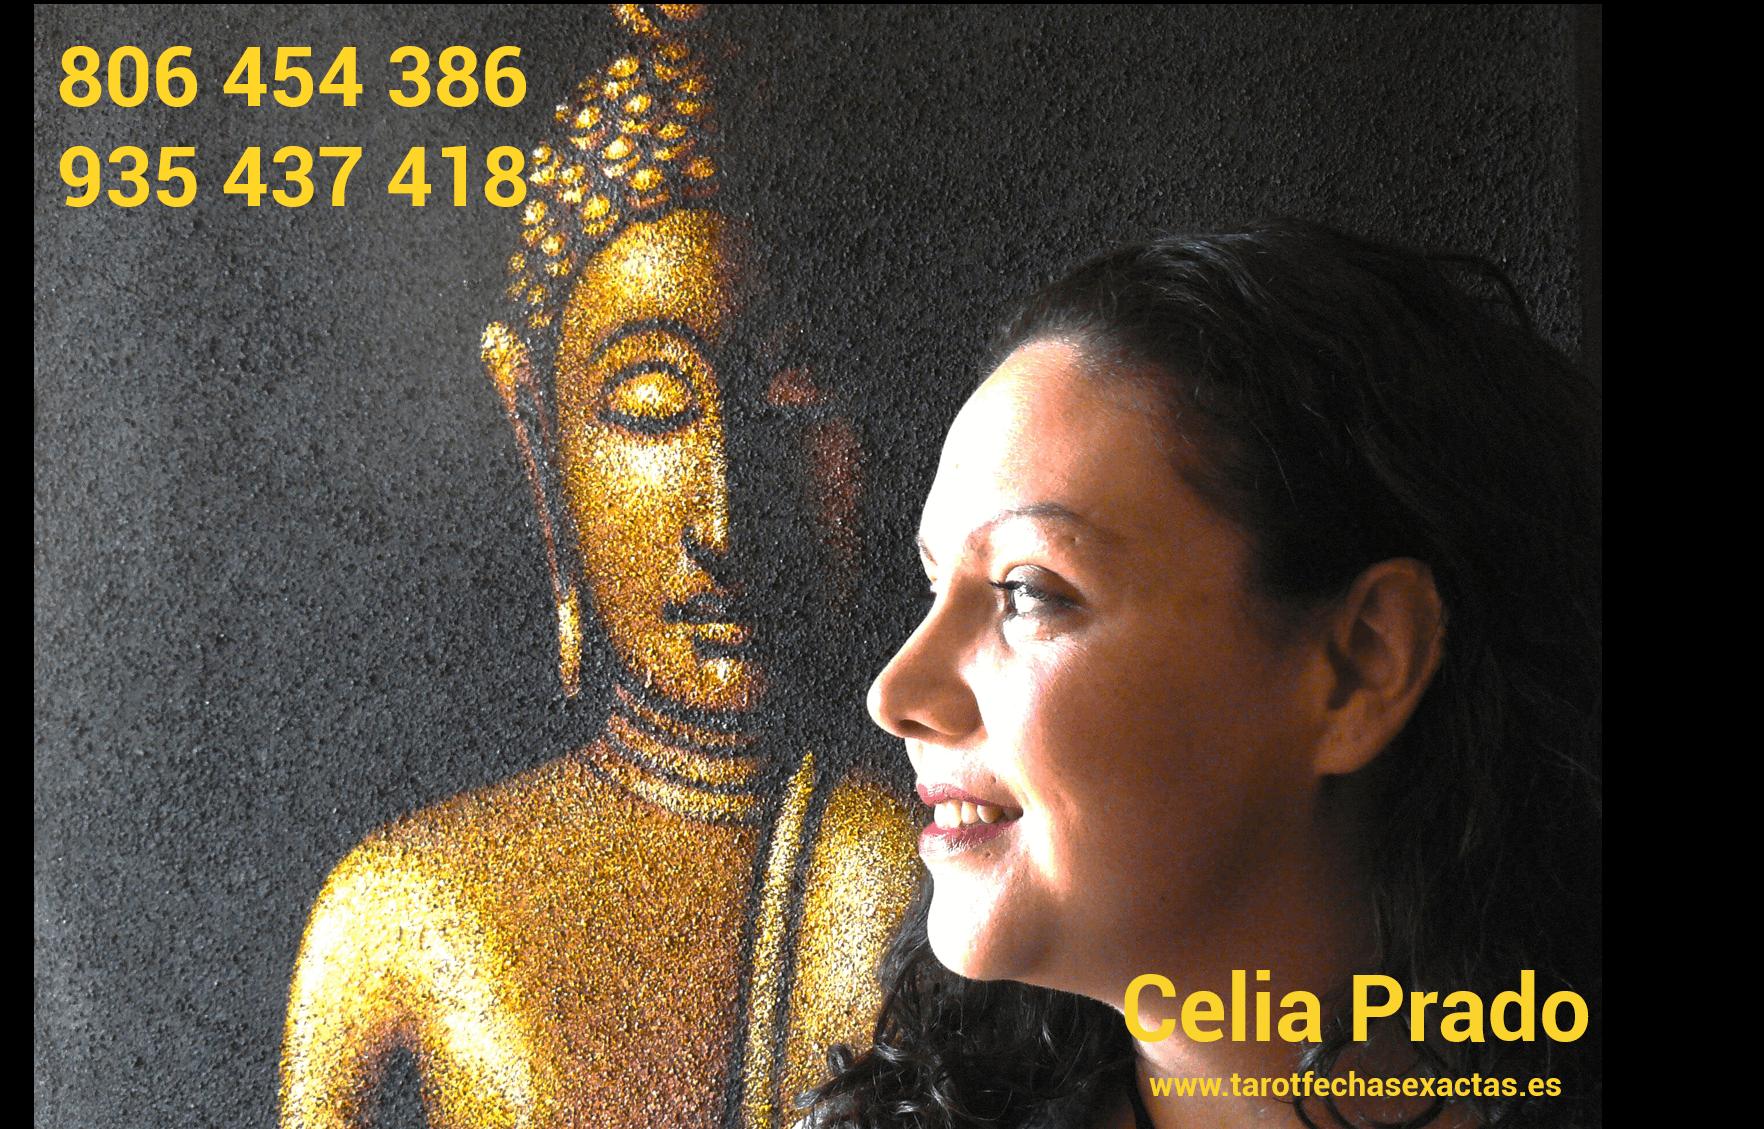 Celia Prado Tarot fechas exactas